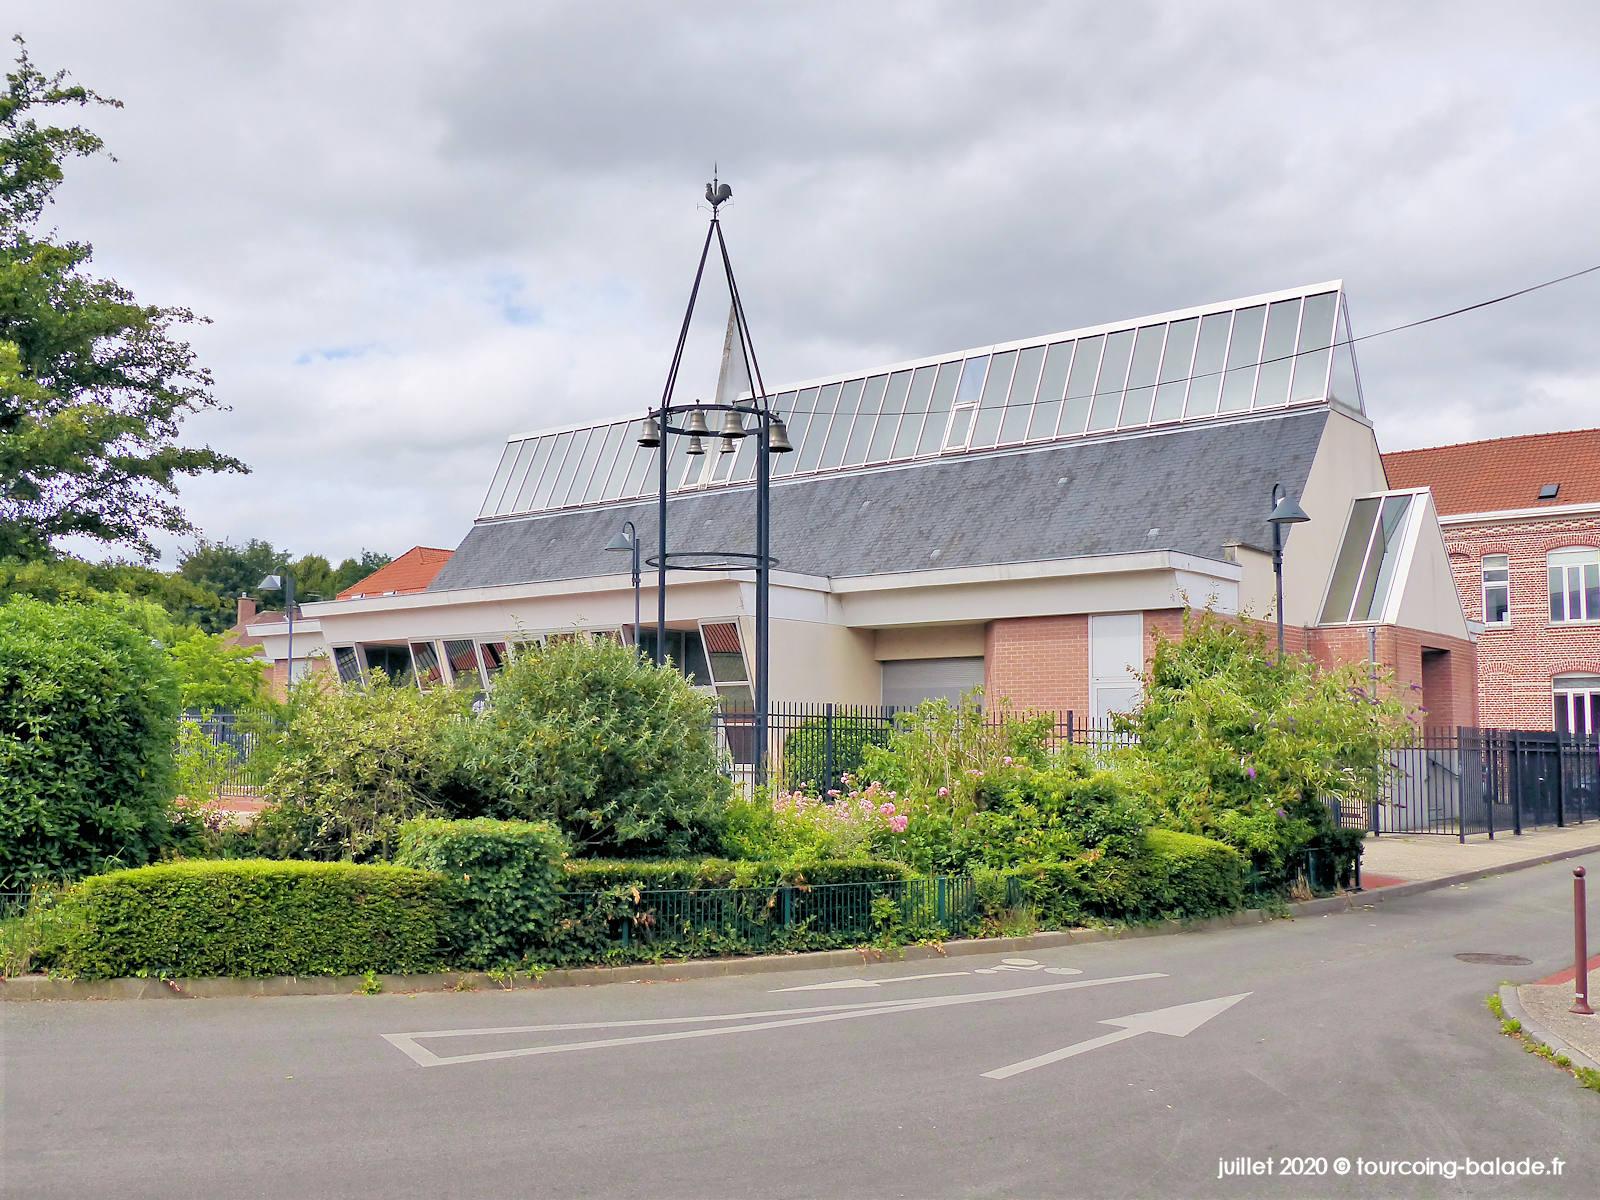 Éblise paroissiale Saint Joseph, Tourcoing 2020